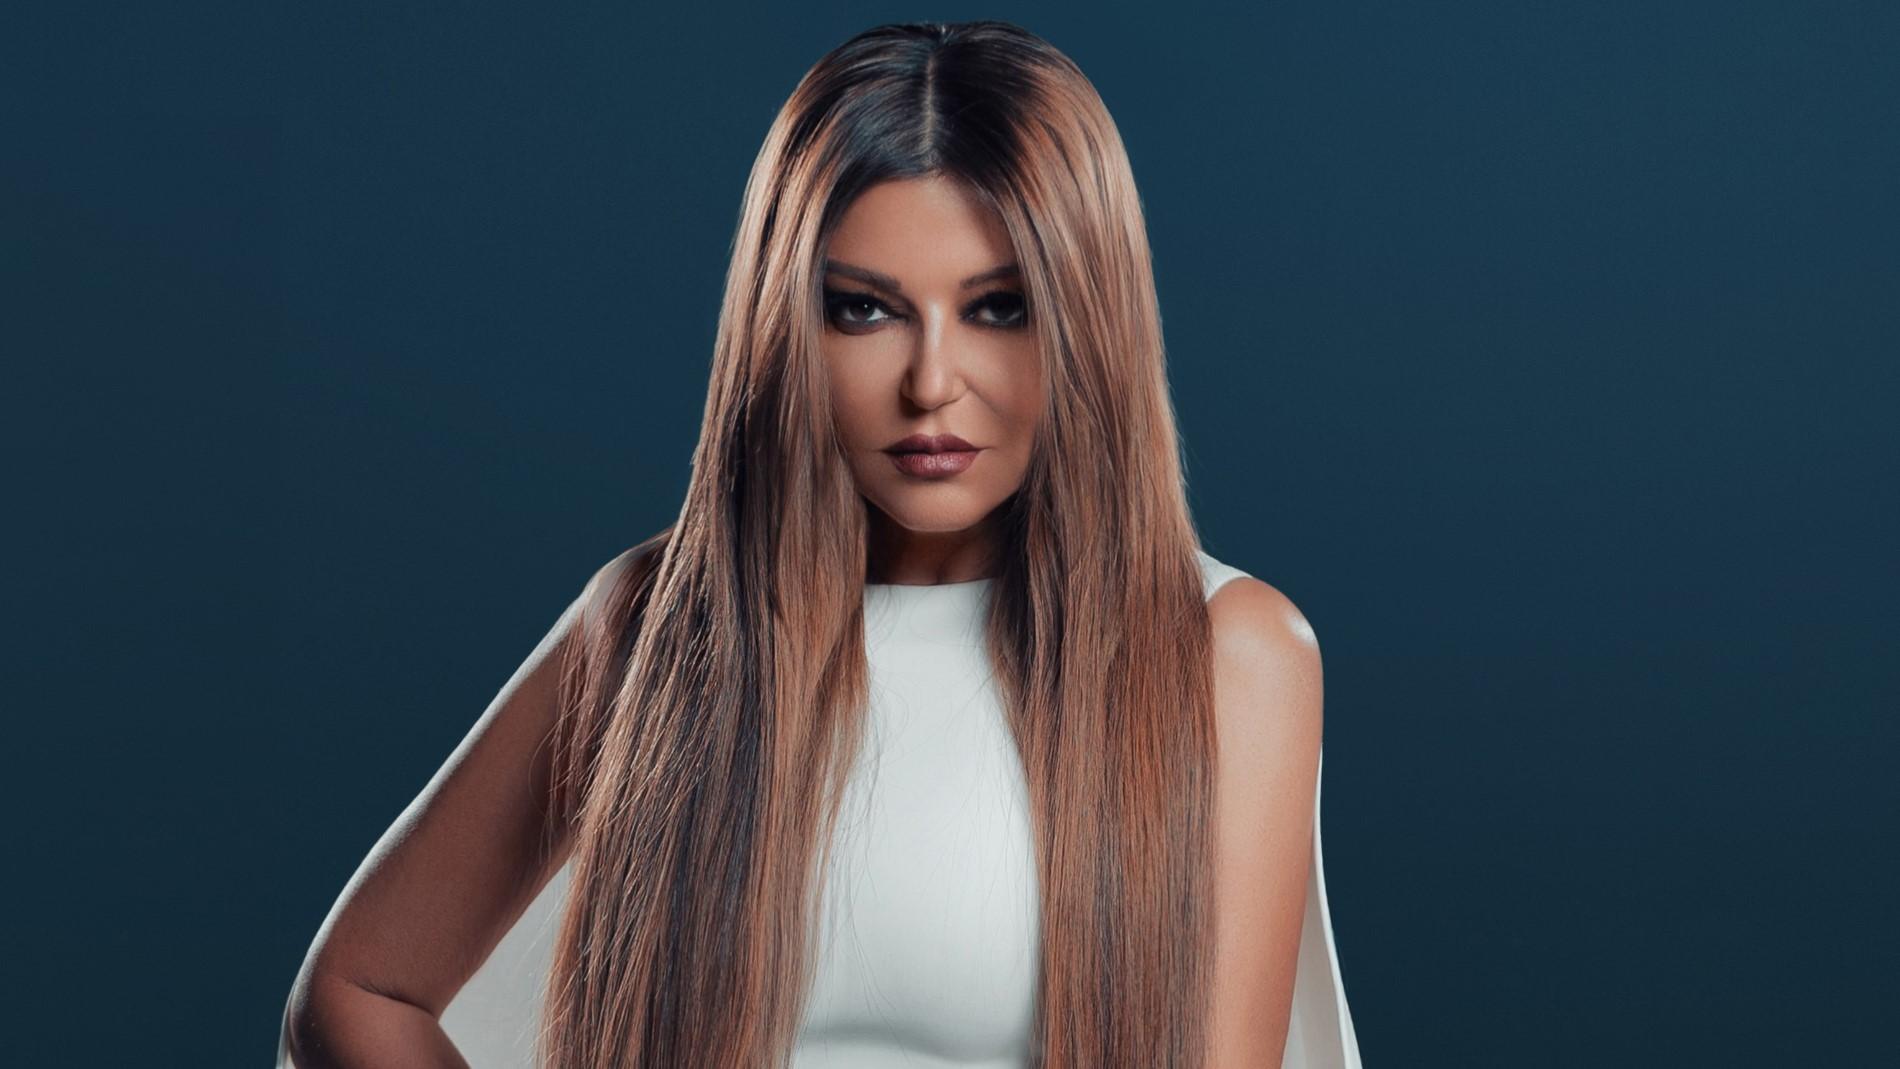 سميرة سعيد وأغنية مون شيري تحقق مشاهدات قياسية خلال وقت قصير